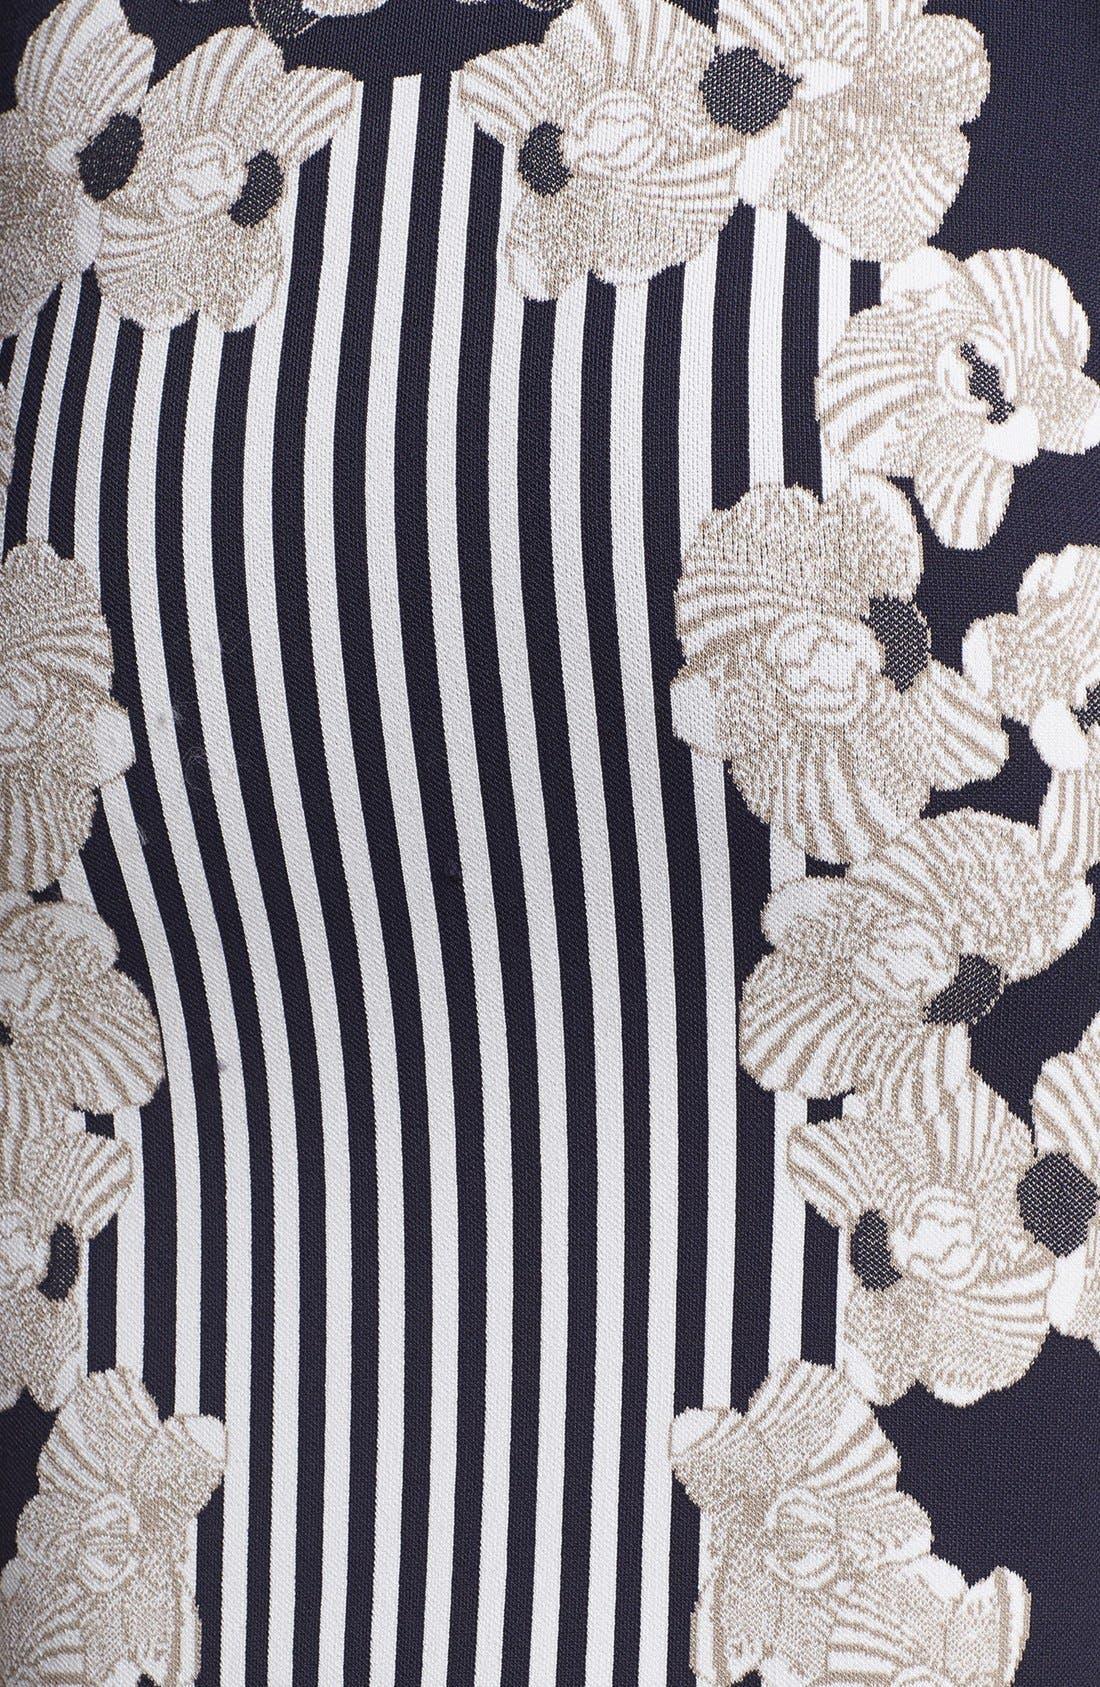 Alternate Image 3  - Diane von Furstenberg 'Kacee' Print Twill Pencil Skirt